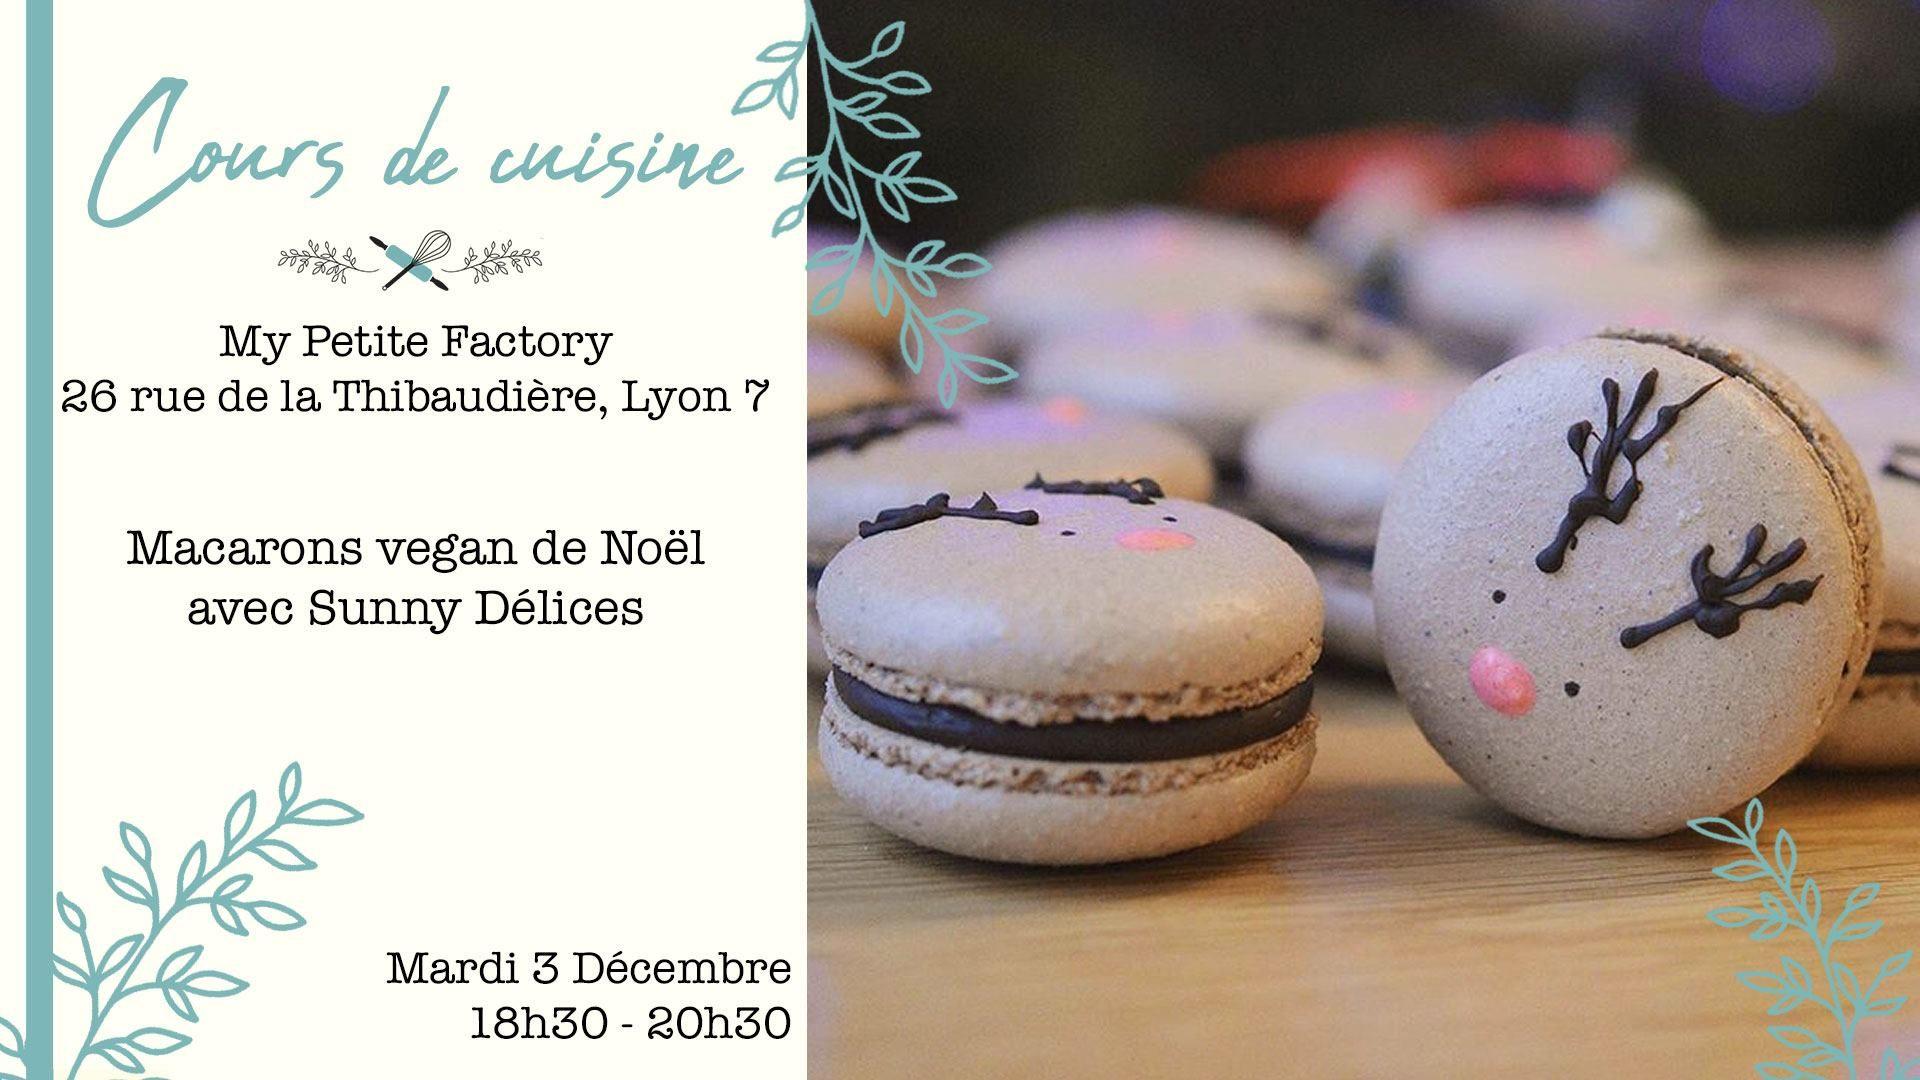 Atelier-macarons-Noel